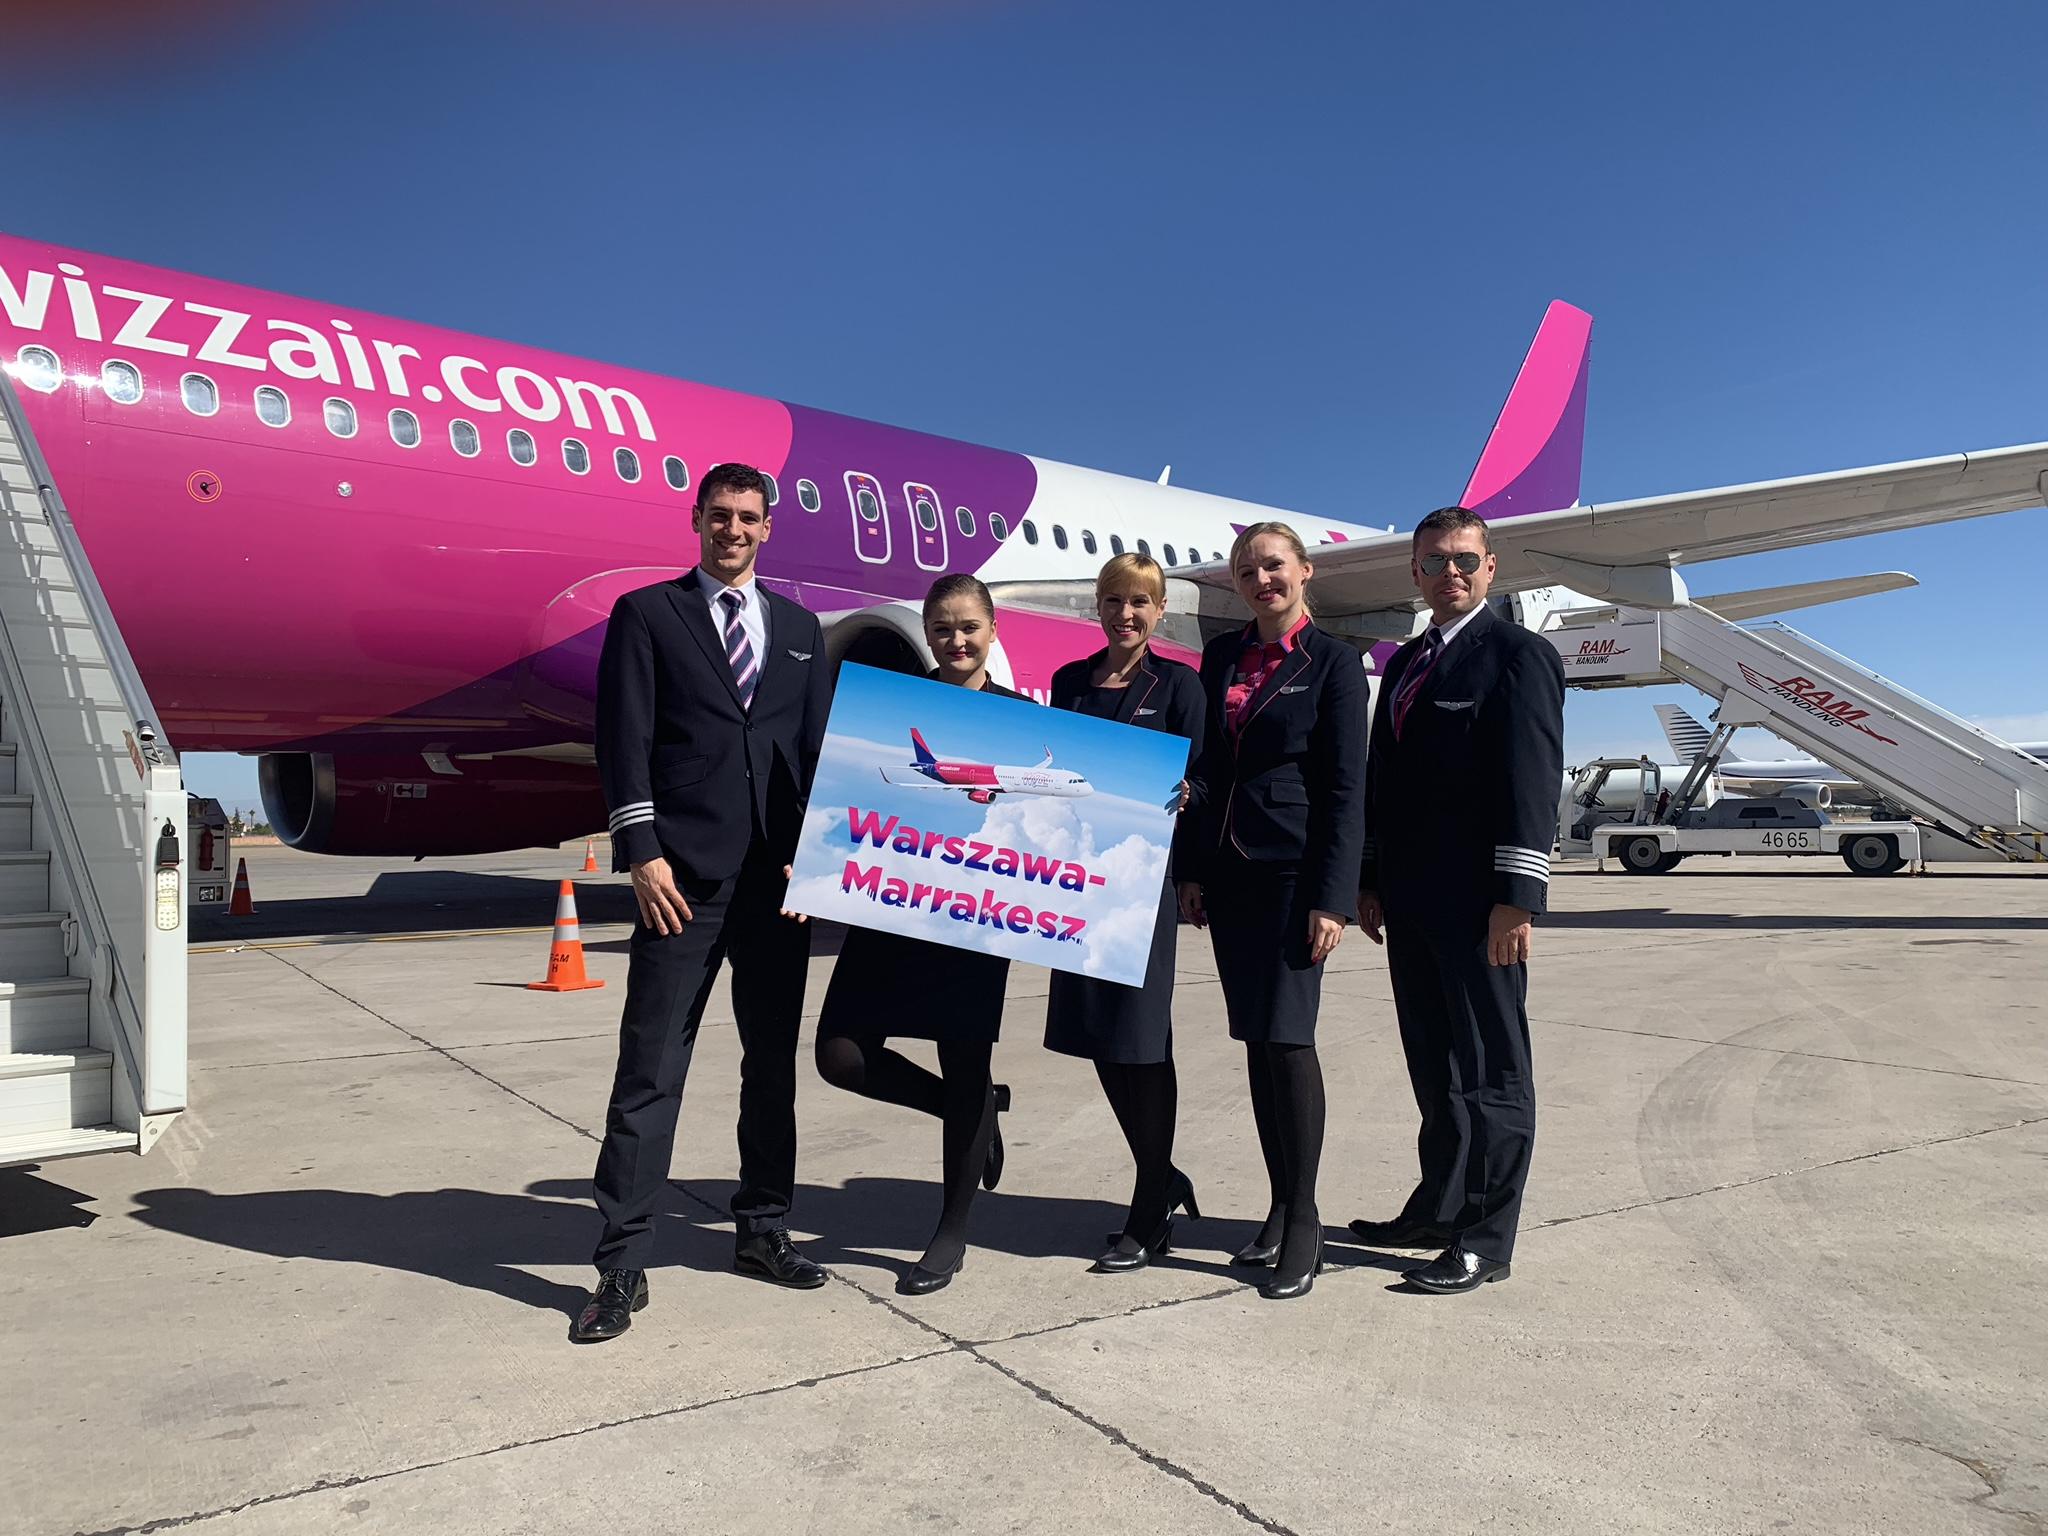 Wizz Air otwiera nowe trasy z Polski do Charkowa, Wiednia i Marrakeszu